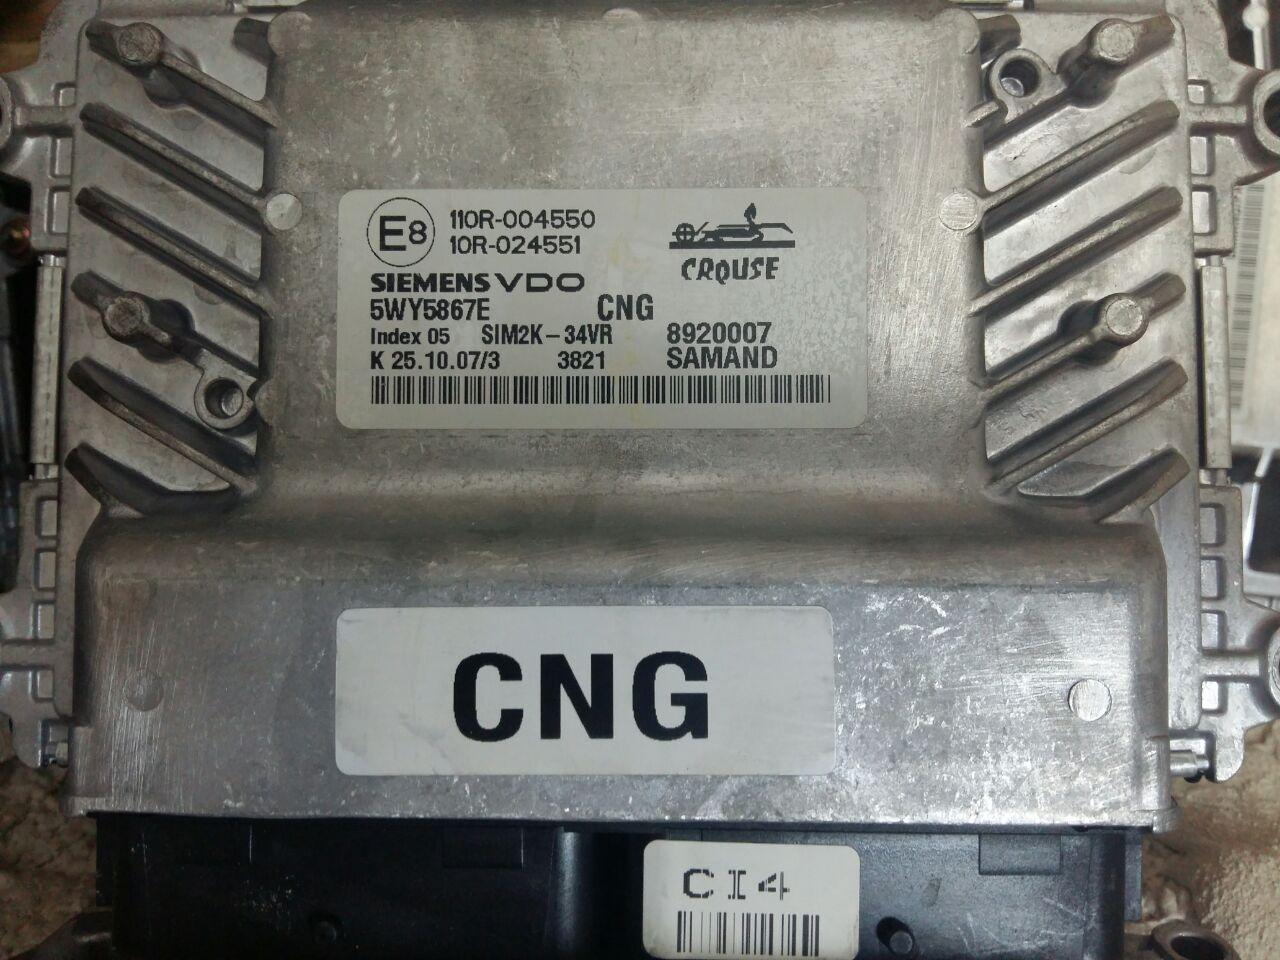 فروش ایسیو زیمنسVDO CI4 خودرو سمند